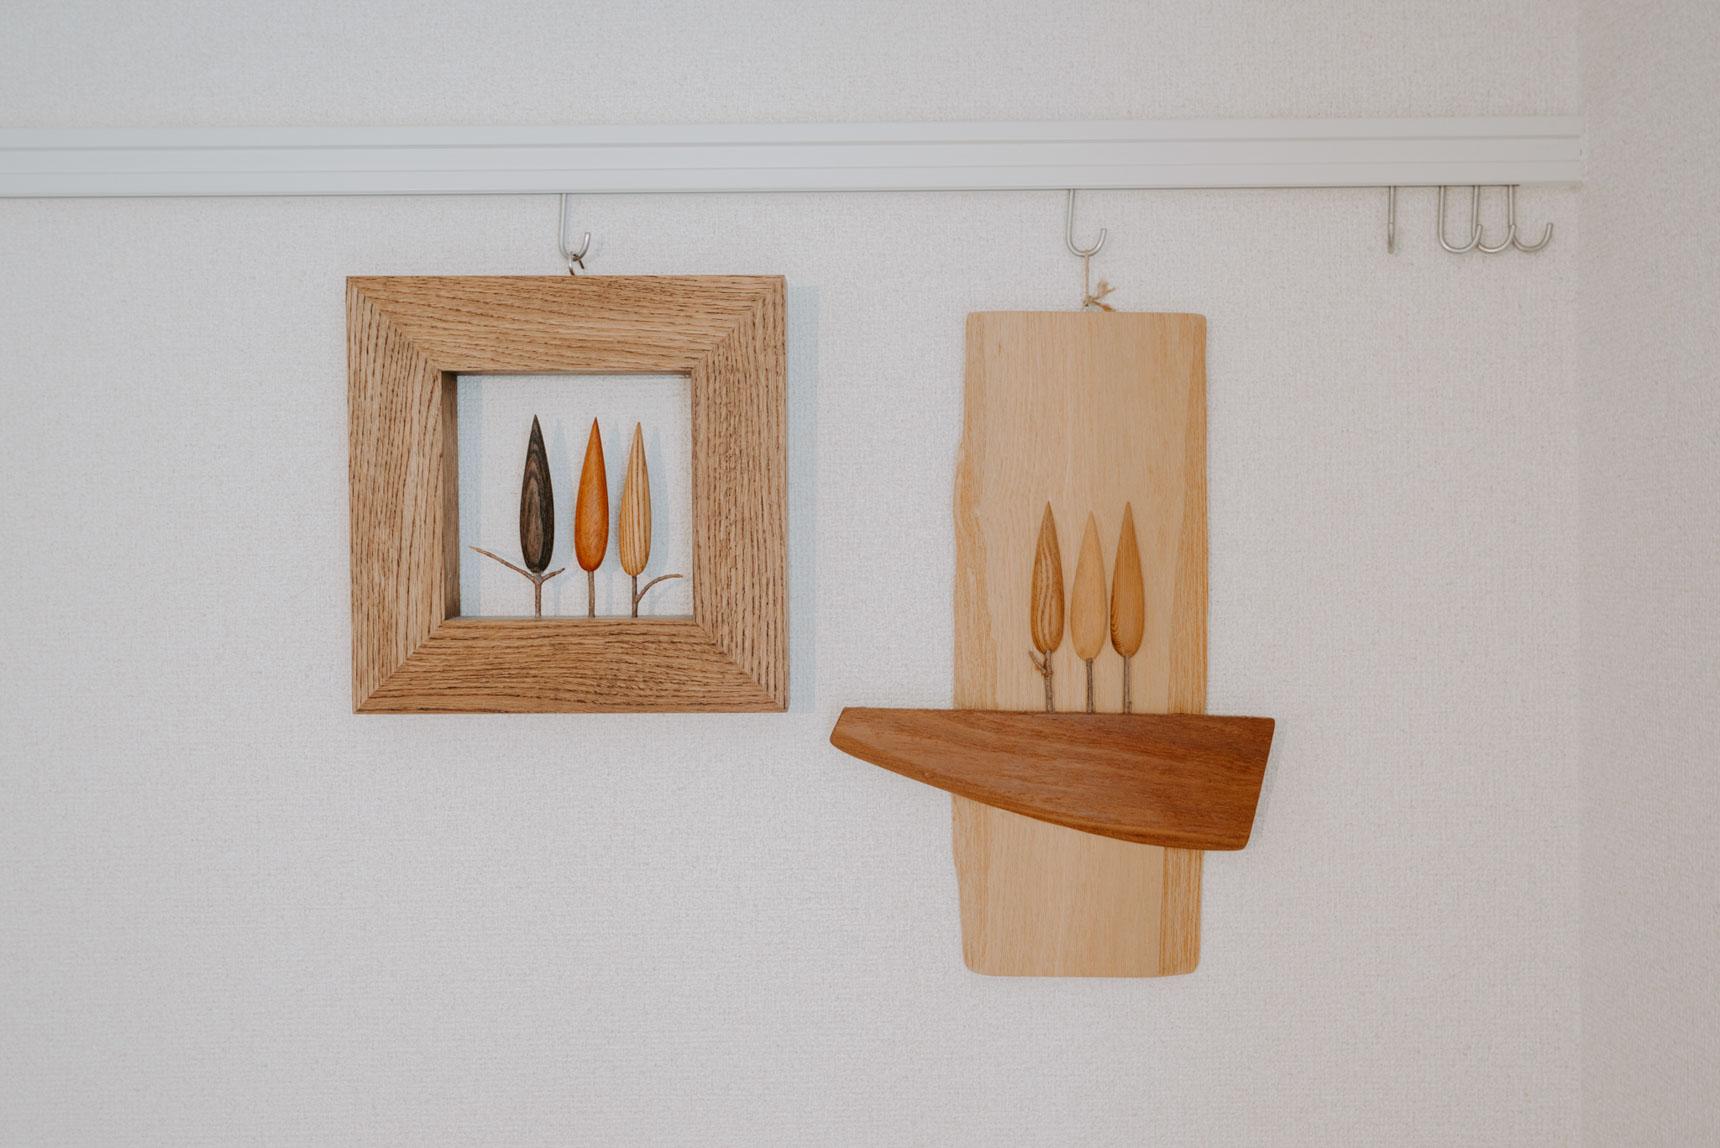 北海道美瑛の木製品のお店、「貴妃花(きひか)」の作品は好きで集めているもののひとつ。